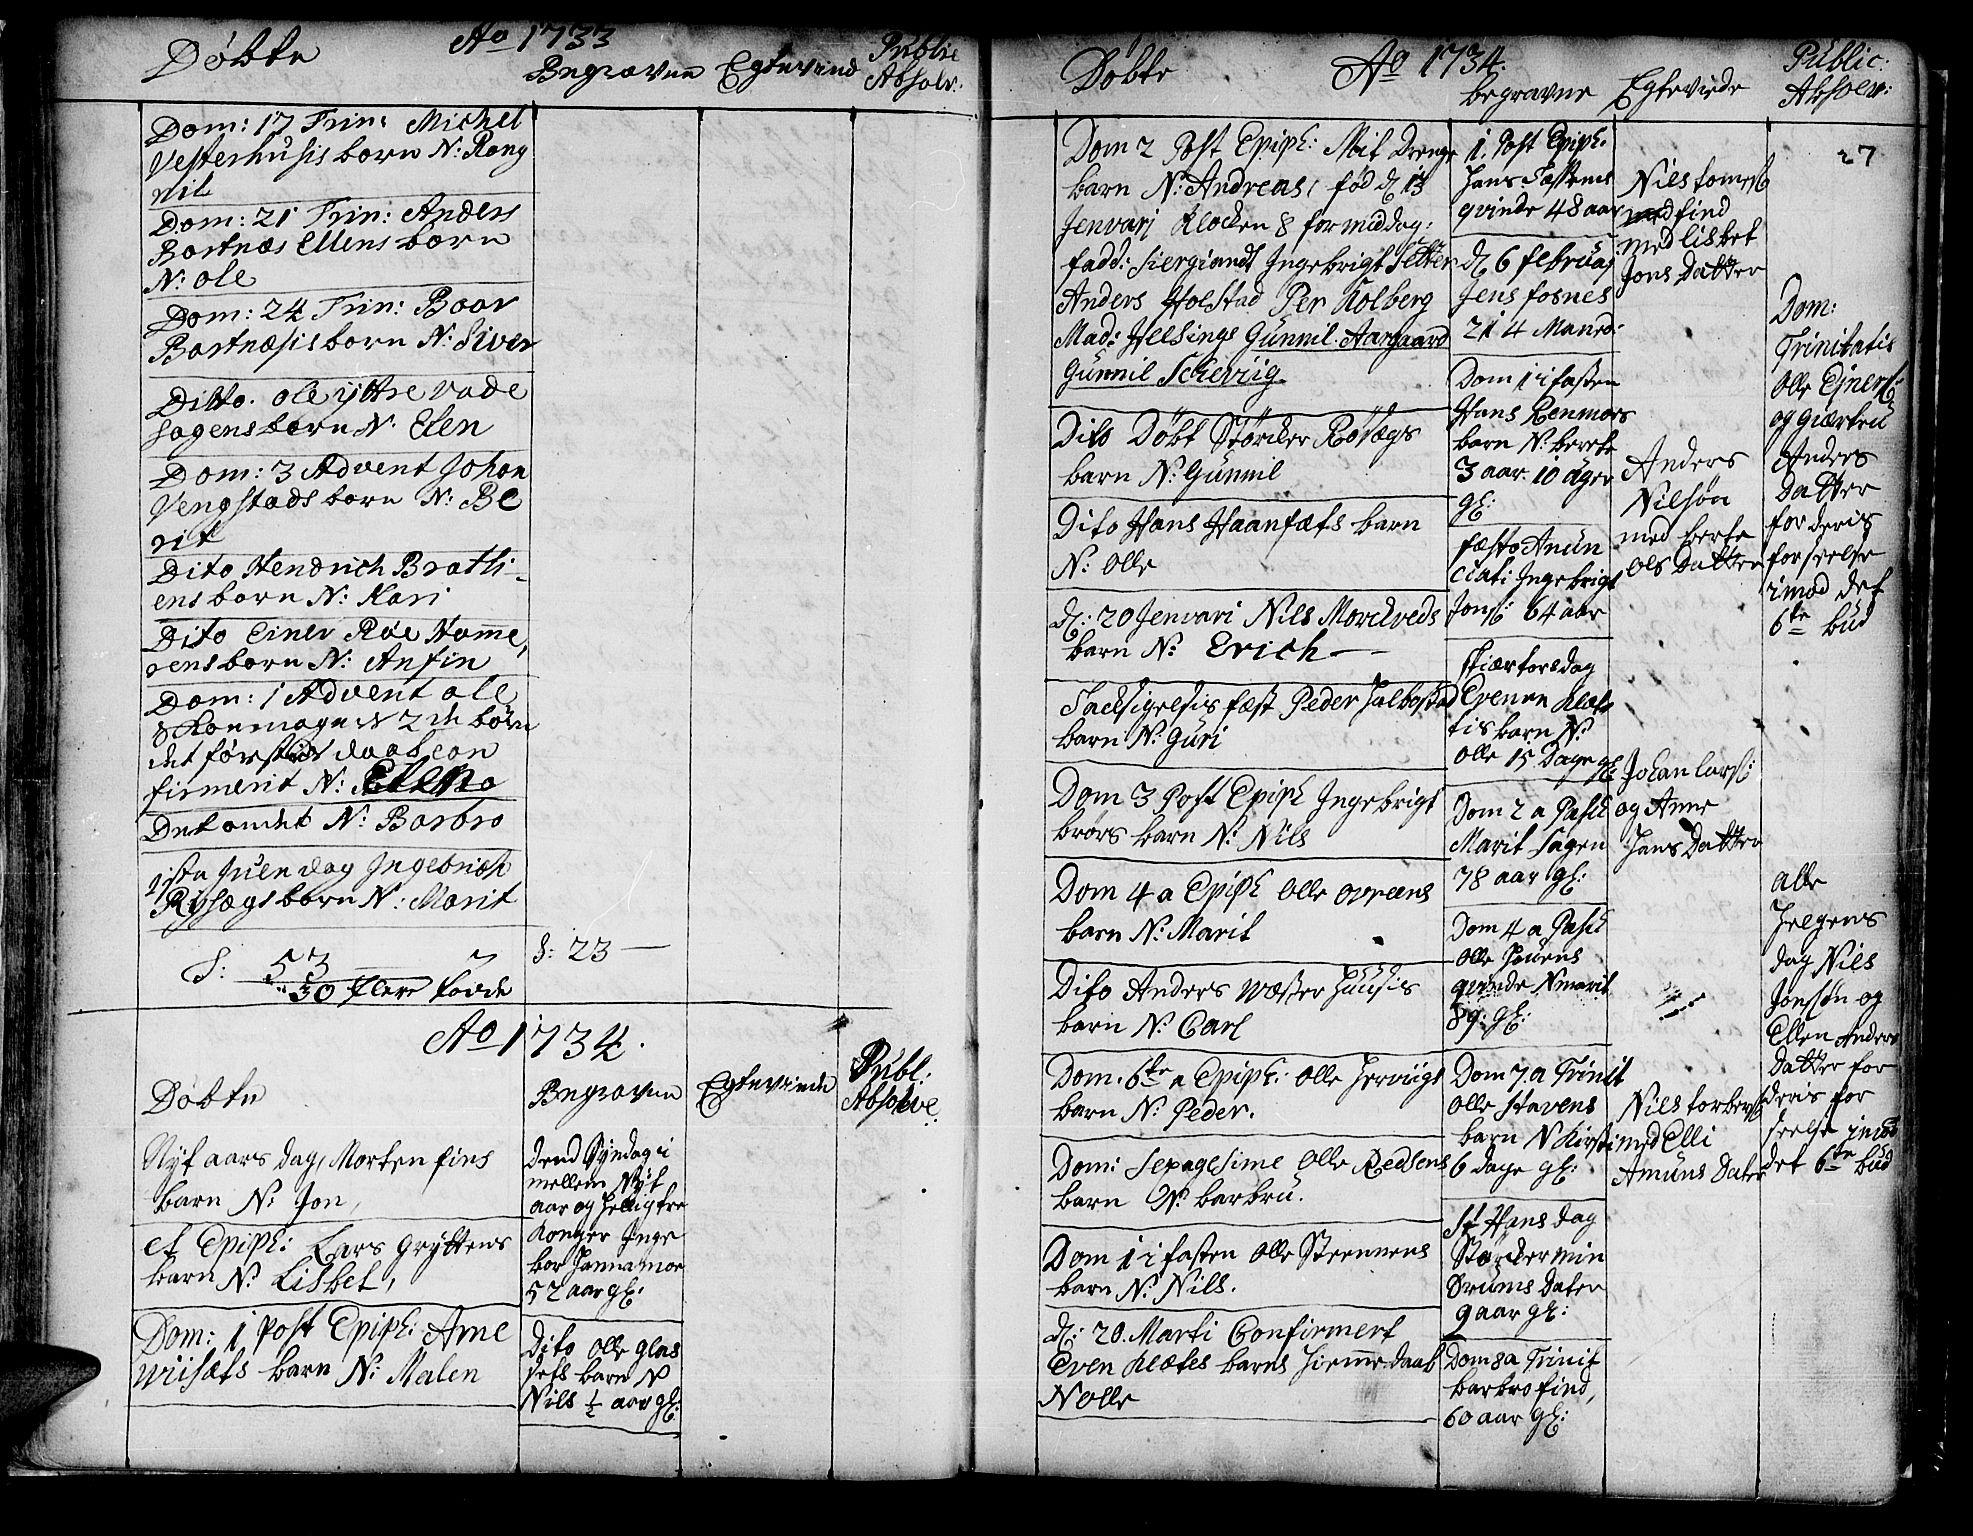 SAT, Ministerialprotokoller, klokkerbøker og fødselsregistre - Nord-Trøndelag, 741/L0385: Ministerialbok nr. 741A01, 1722-1815, s. 27